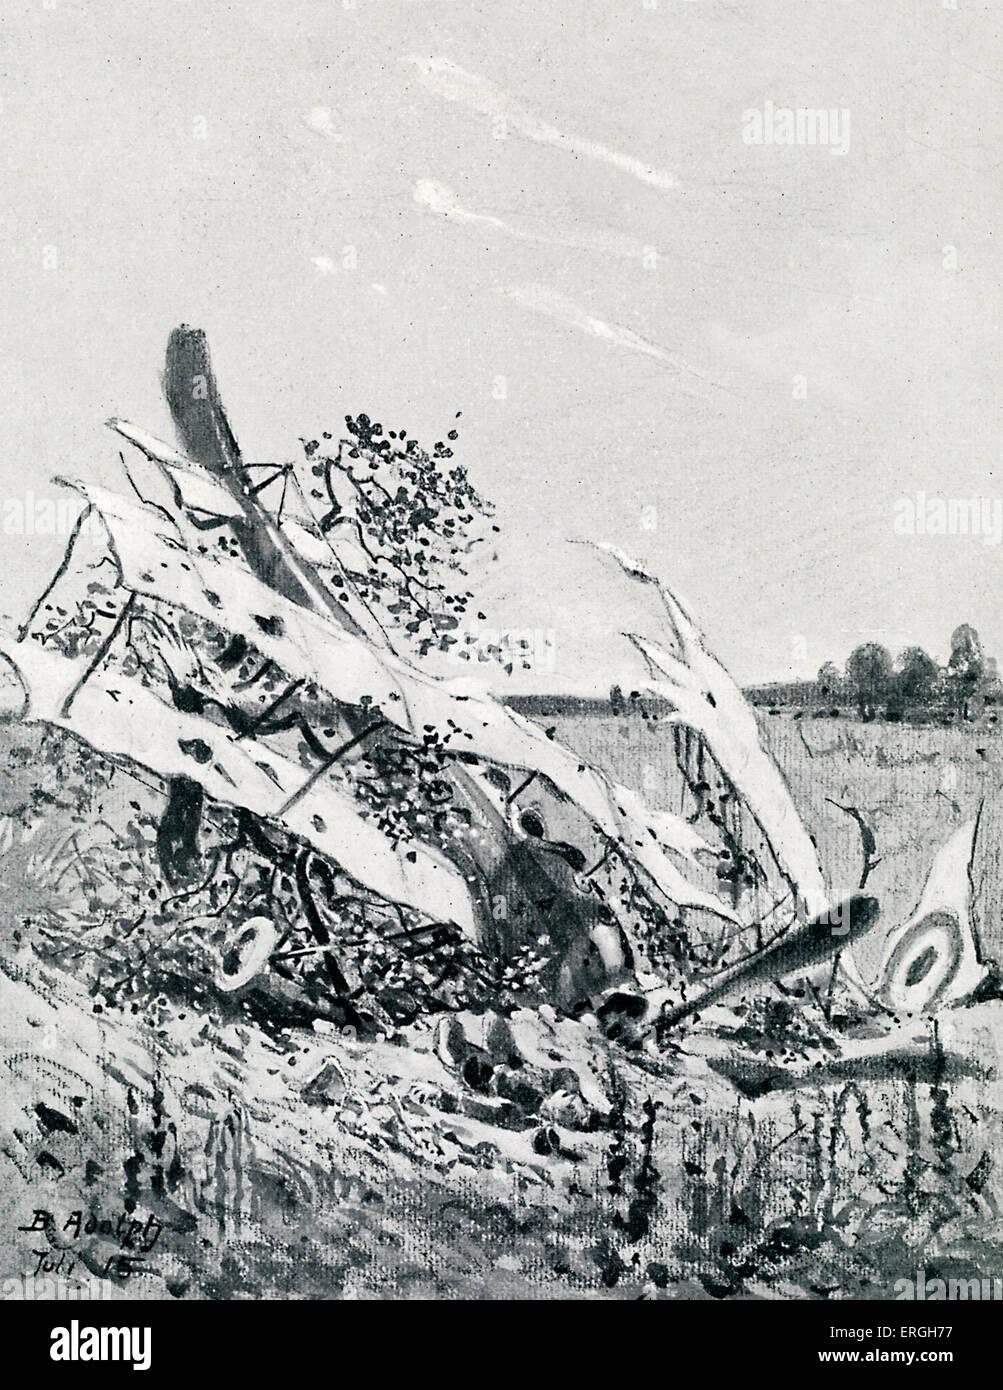 La Seconde Guerre mondiale 1: tourné vers le bas - avion britannique. Après avoir tracé par Berthold Adolph publié le 4 novembre 1915. Banque D'Images